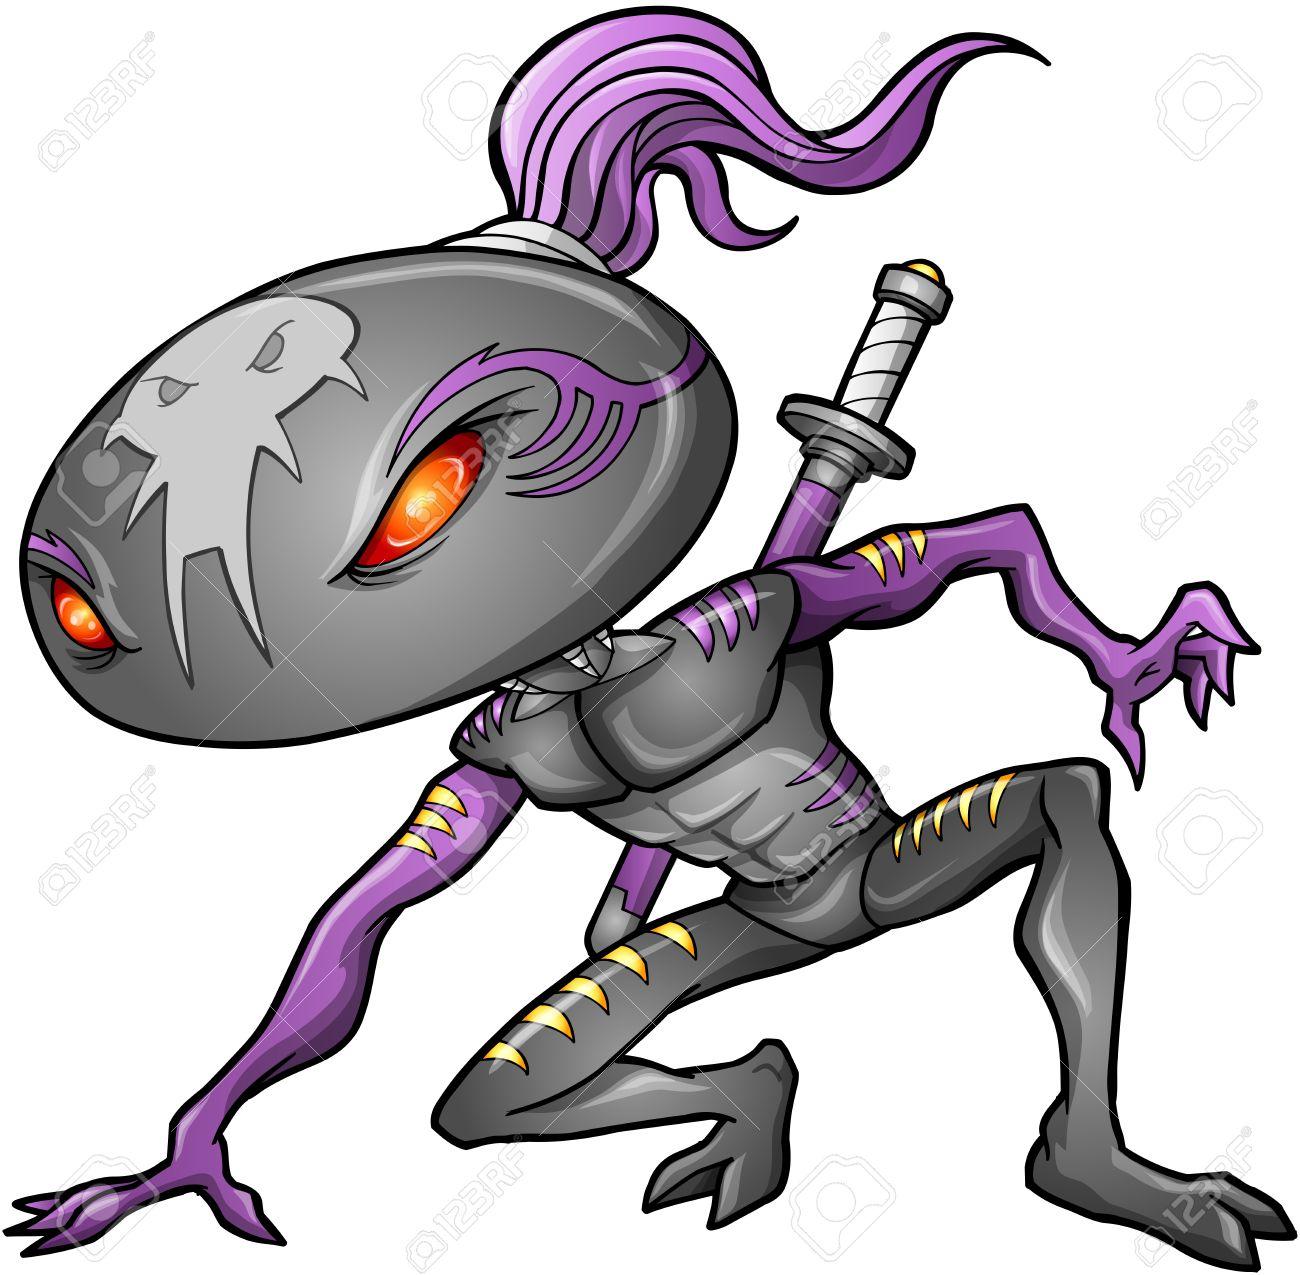 Cyborg Alien Ninja Warrior Robot Vector Stock Vector - 16542932